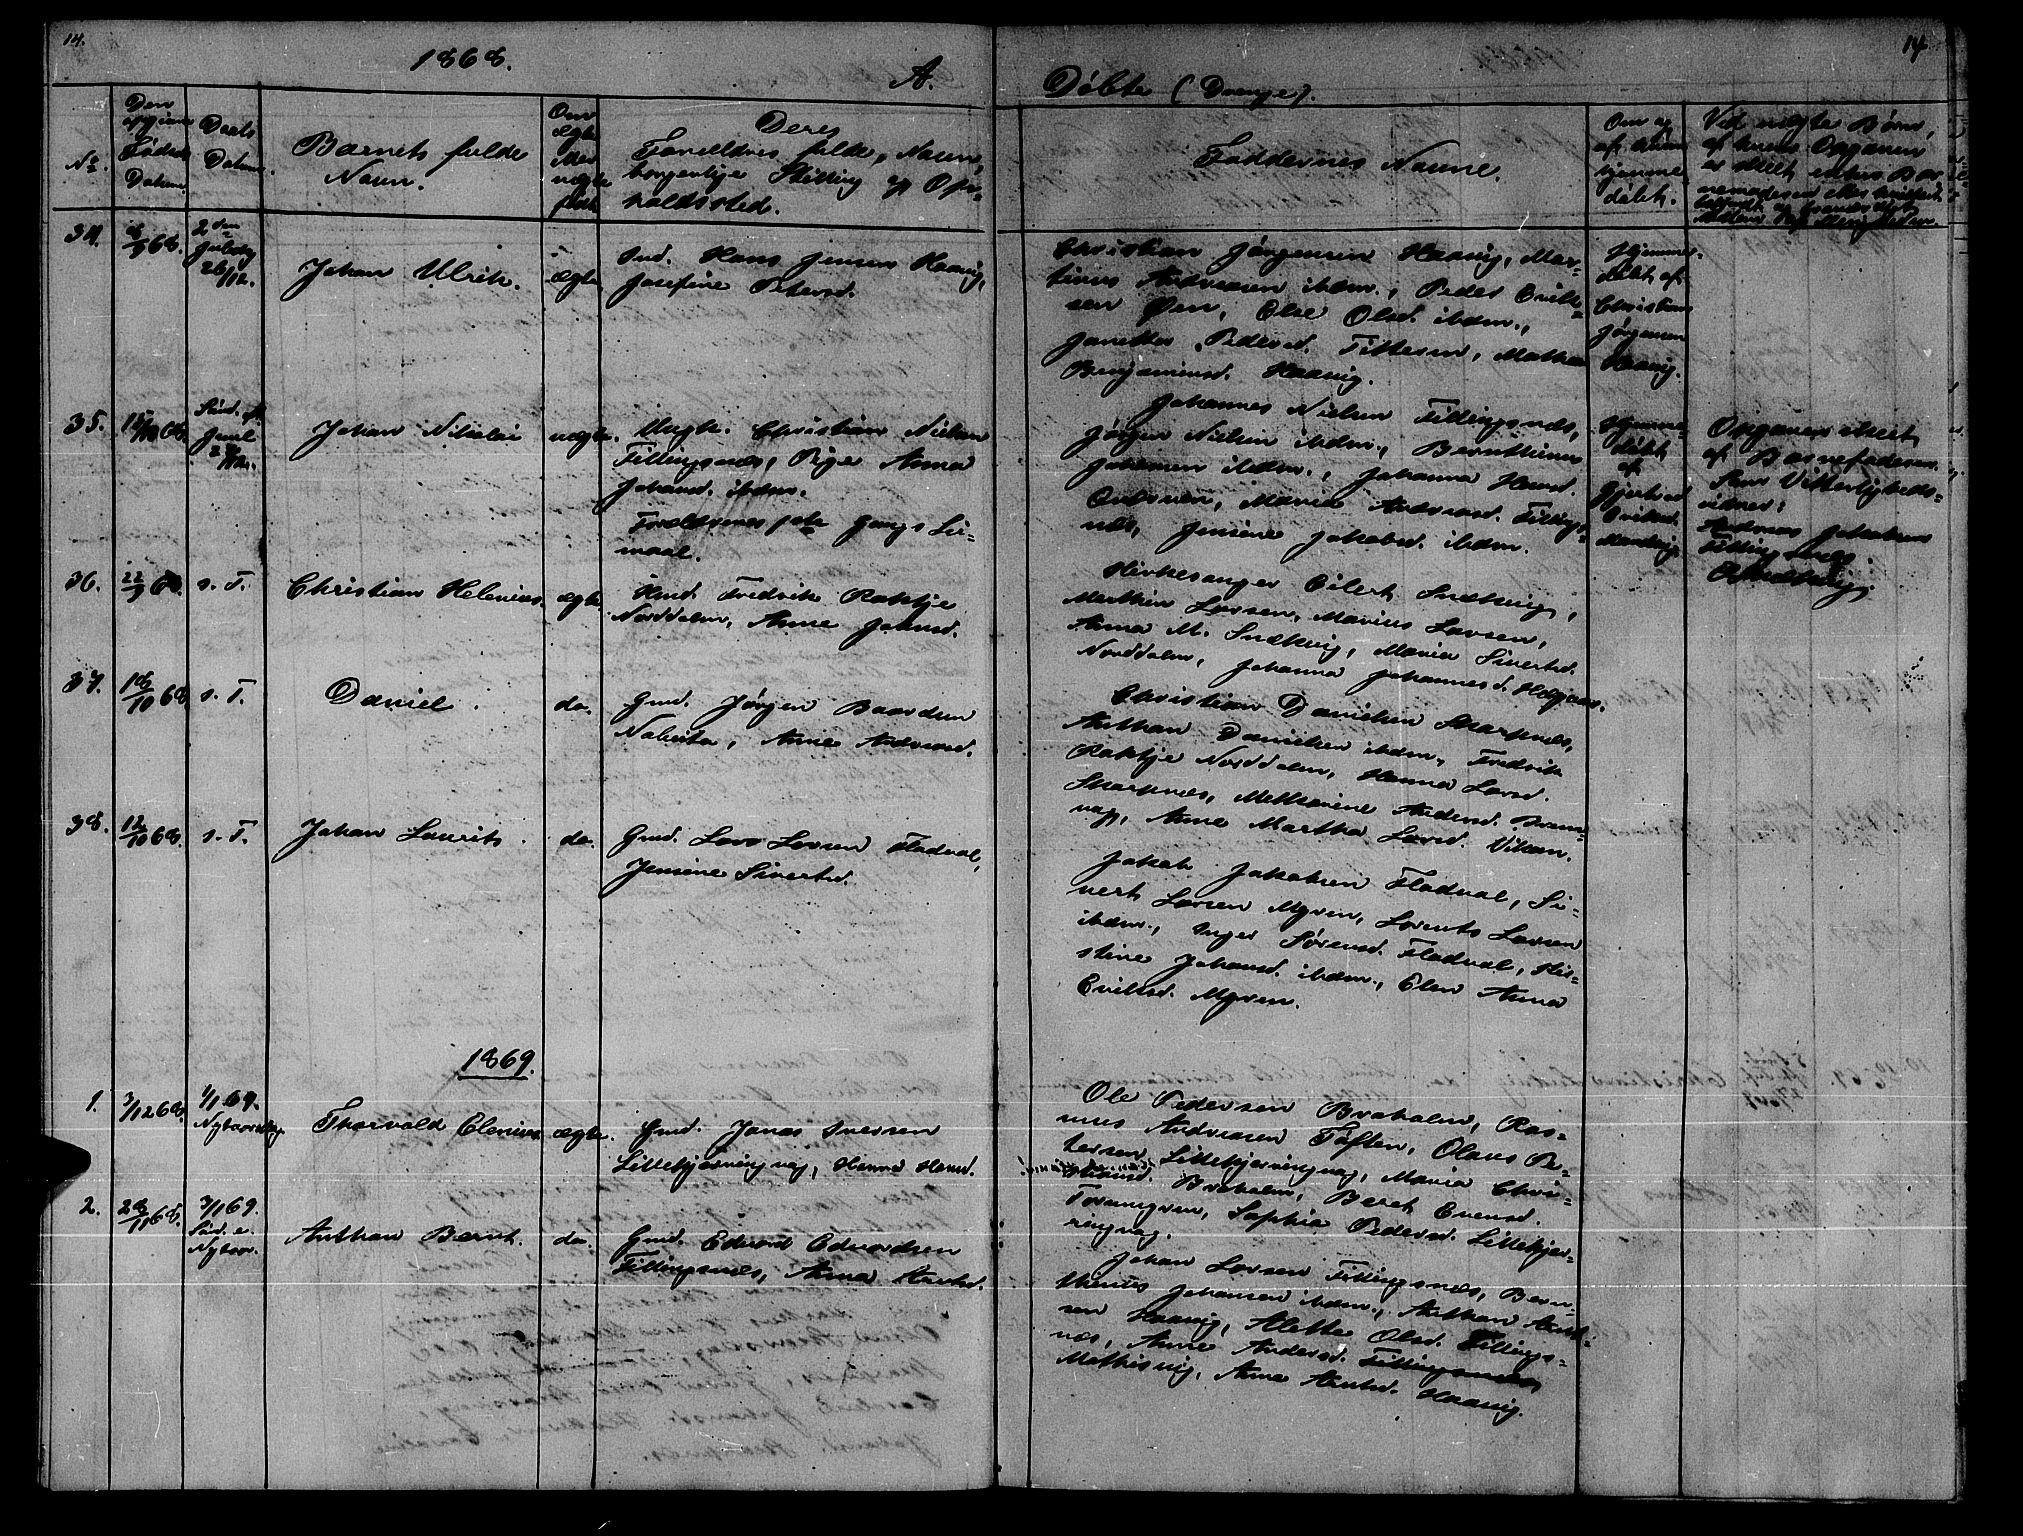 SAT, Ministerialprotokoller, klokkerbøker og fødselsregistre - Sør-Trøndelag, 634/L0539: Klokkerbok nr. 634C01, 1866-1873, s. 14